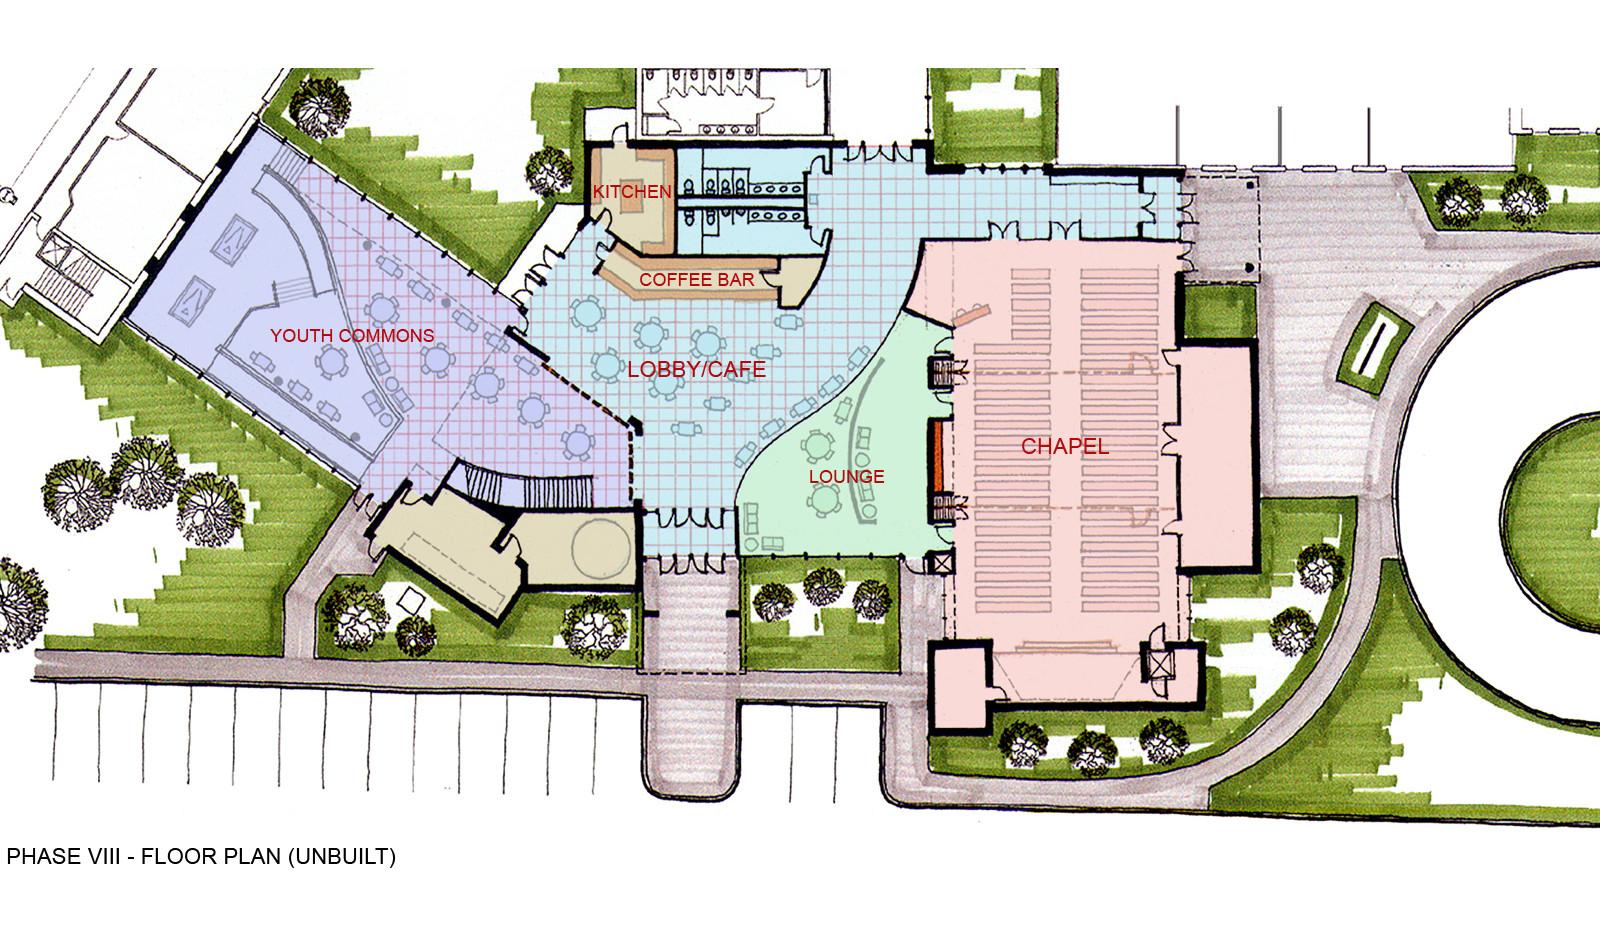 Phase VIII Plan